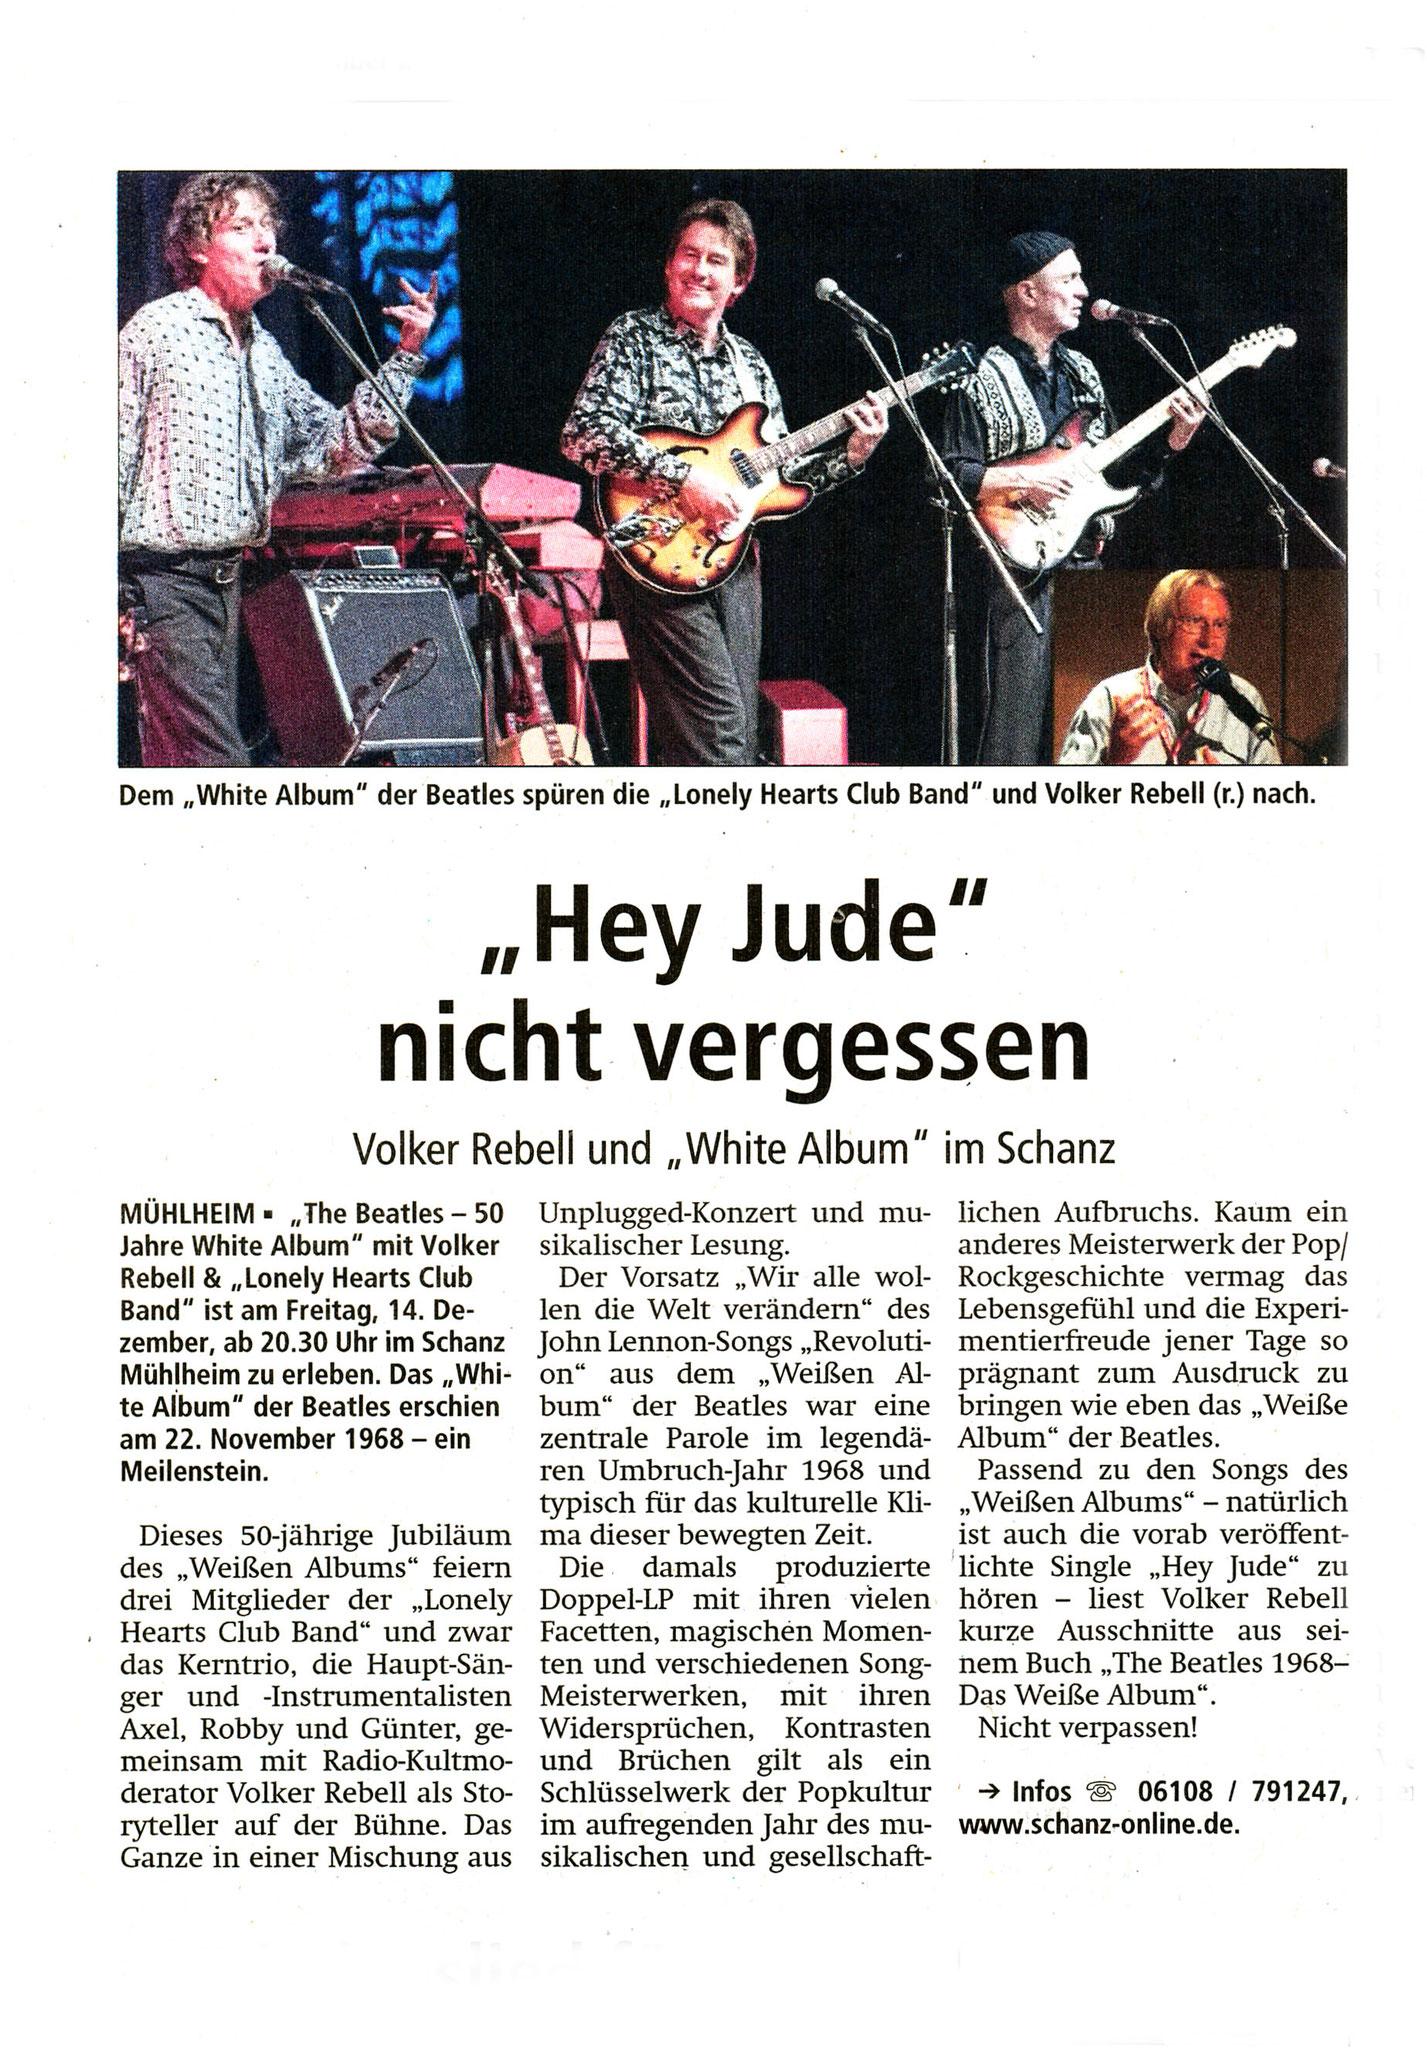 Offenbach Post, 8. Dezember 2018